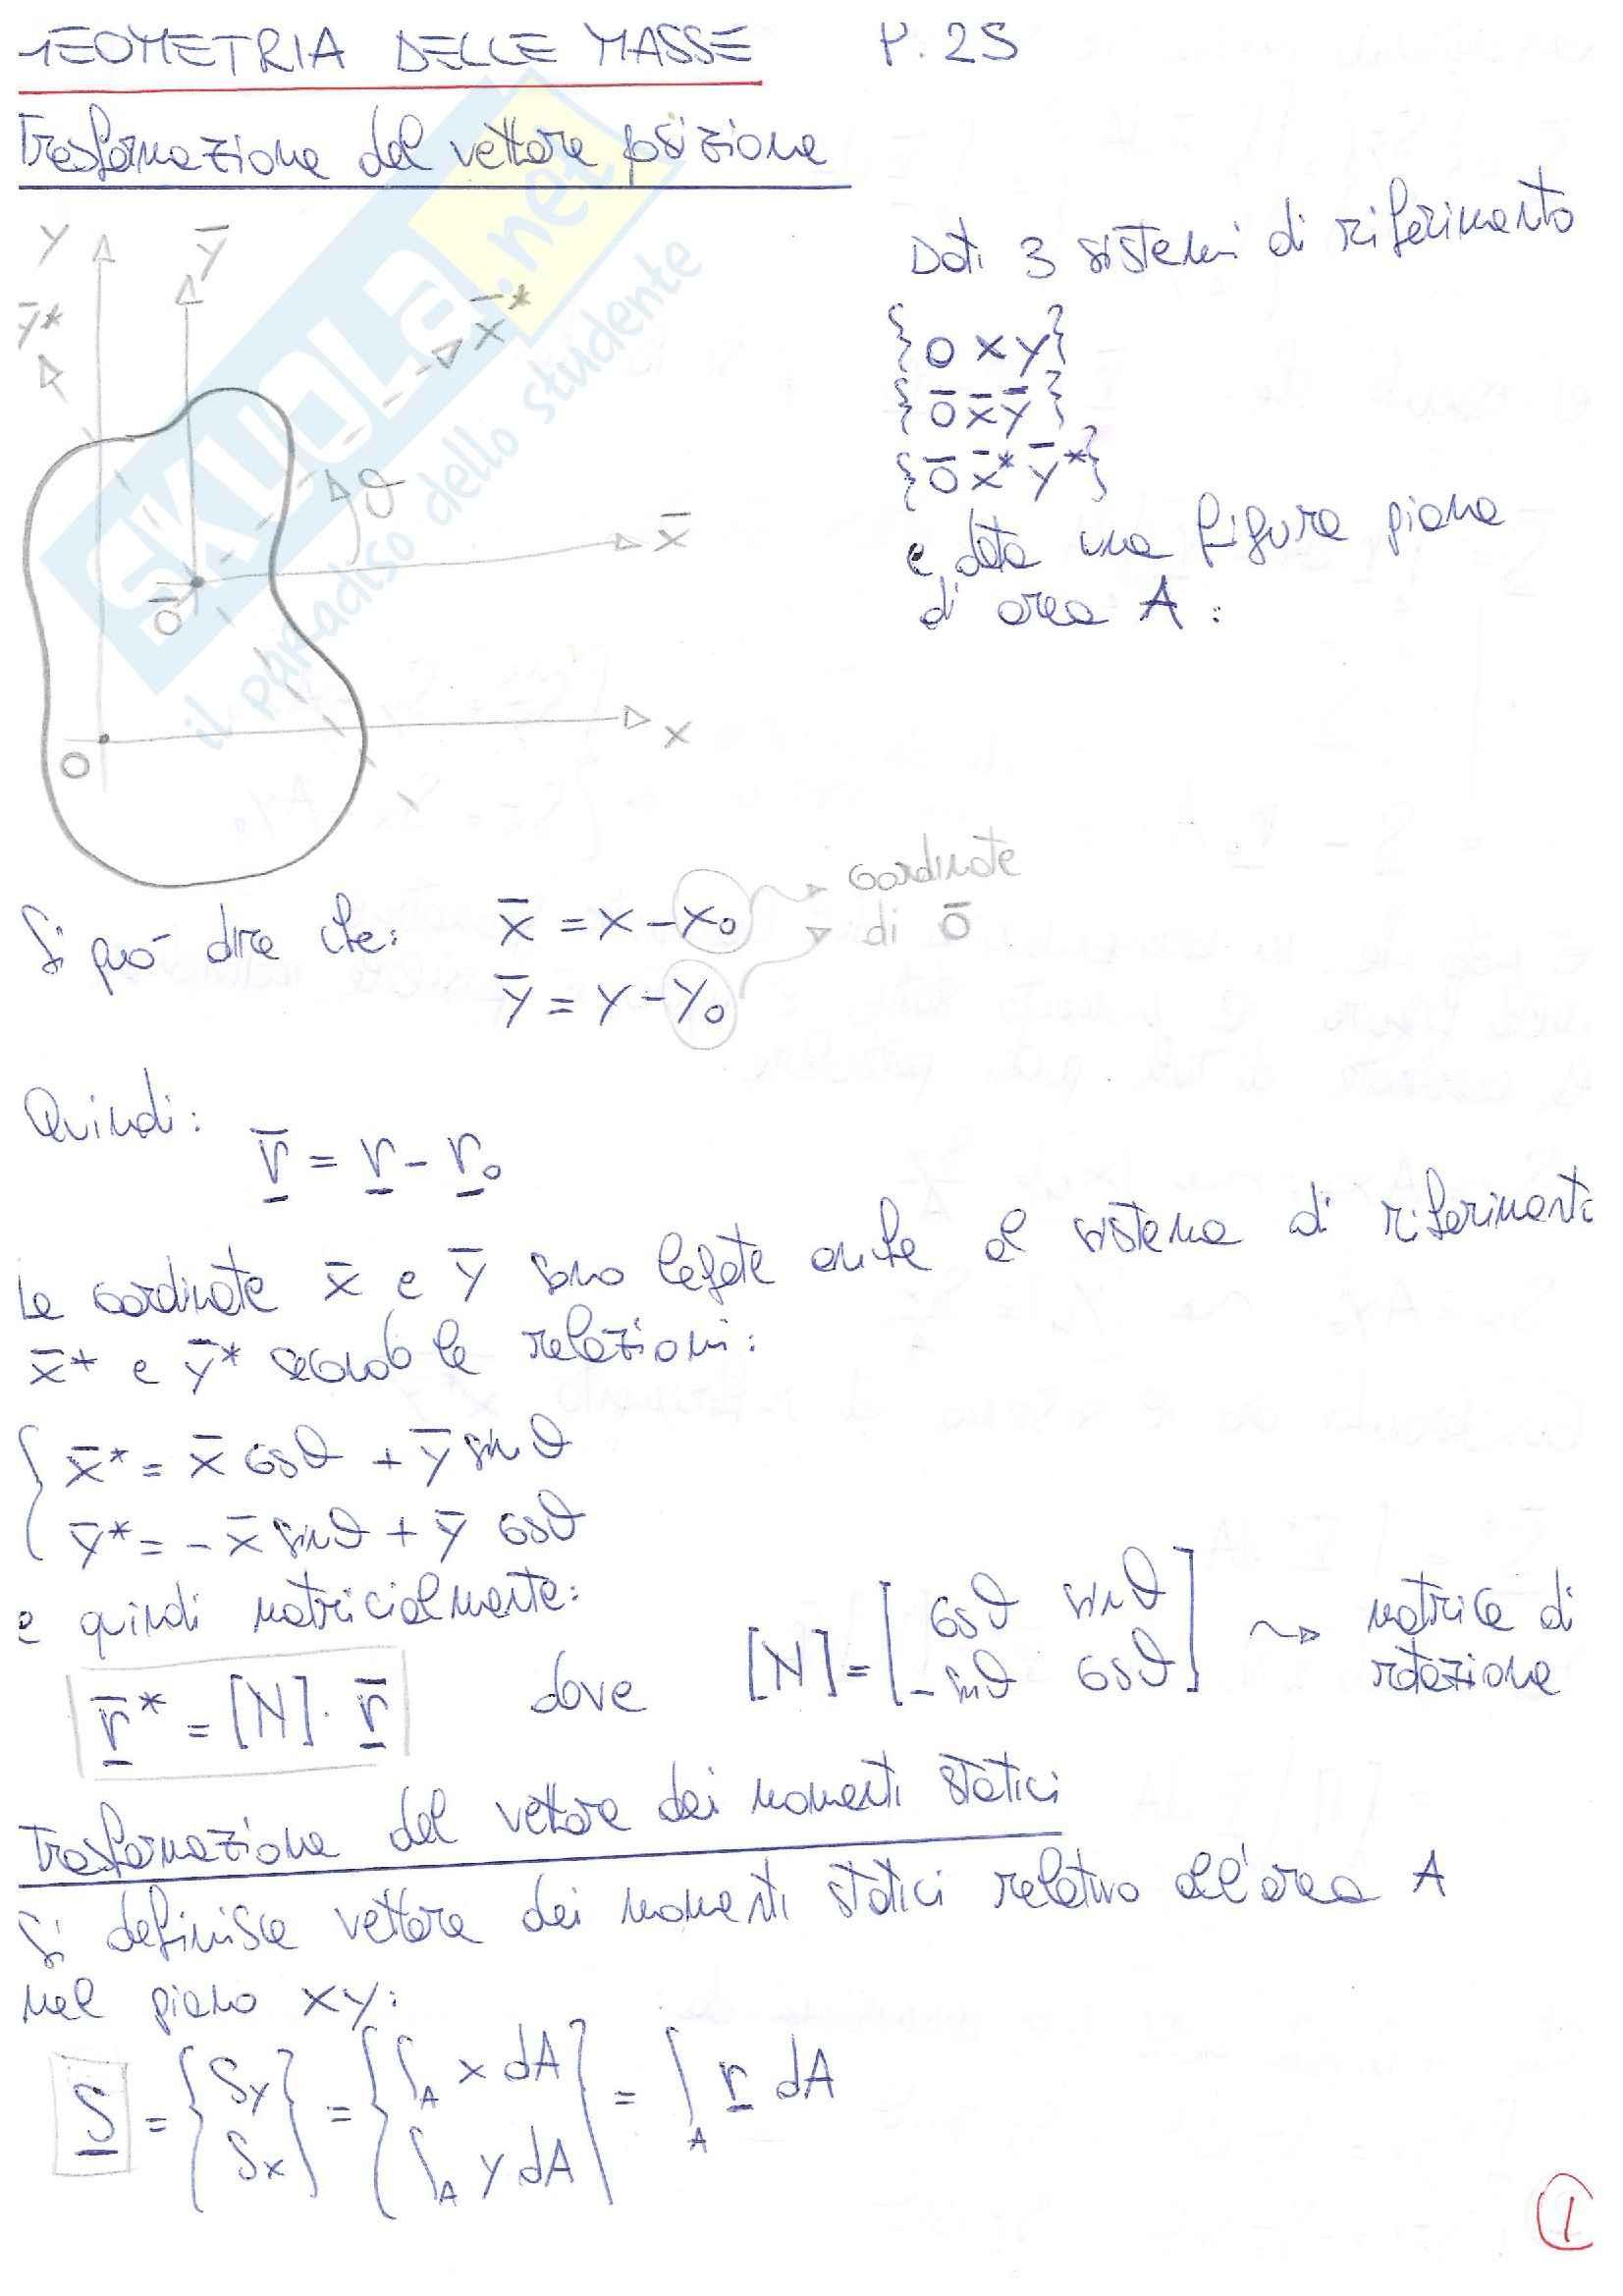 Teoria Scienza delle Costruzioni -236 pagine- Geometria masse, Sollecitazioni, Deformazioni e Tensioni, DSV, Instabilità